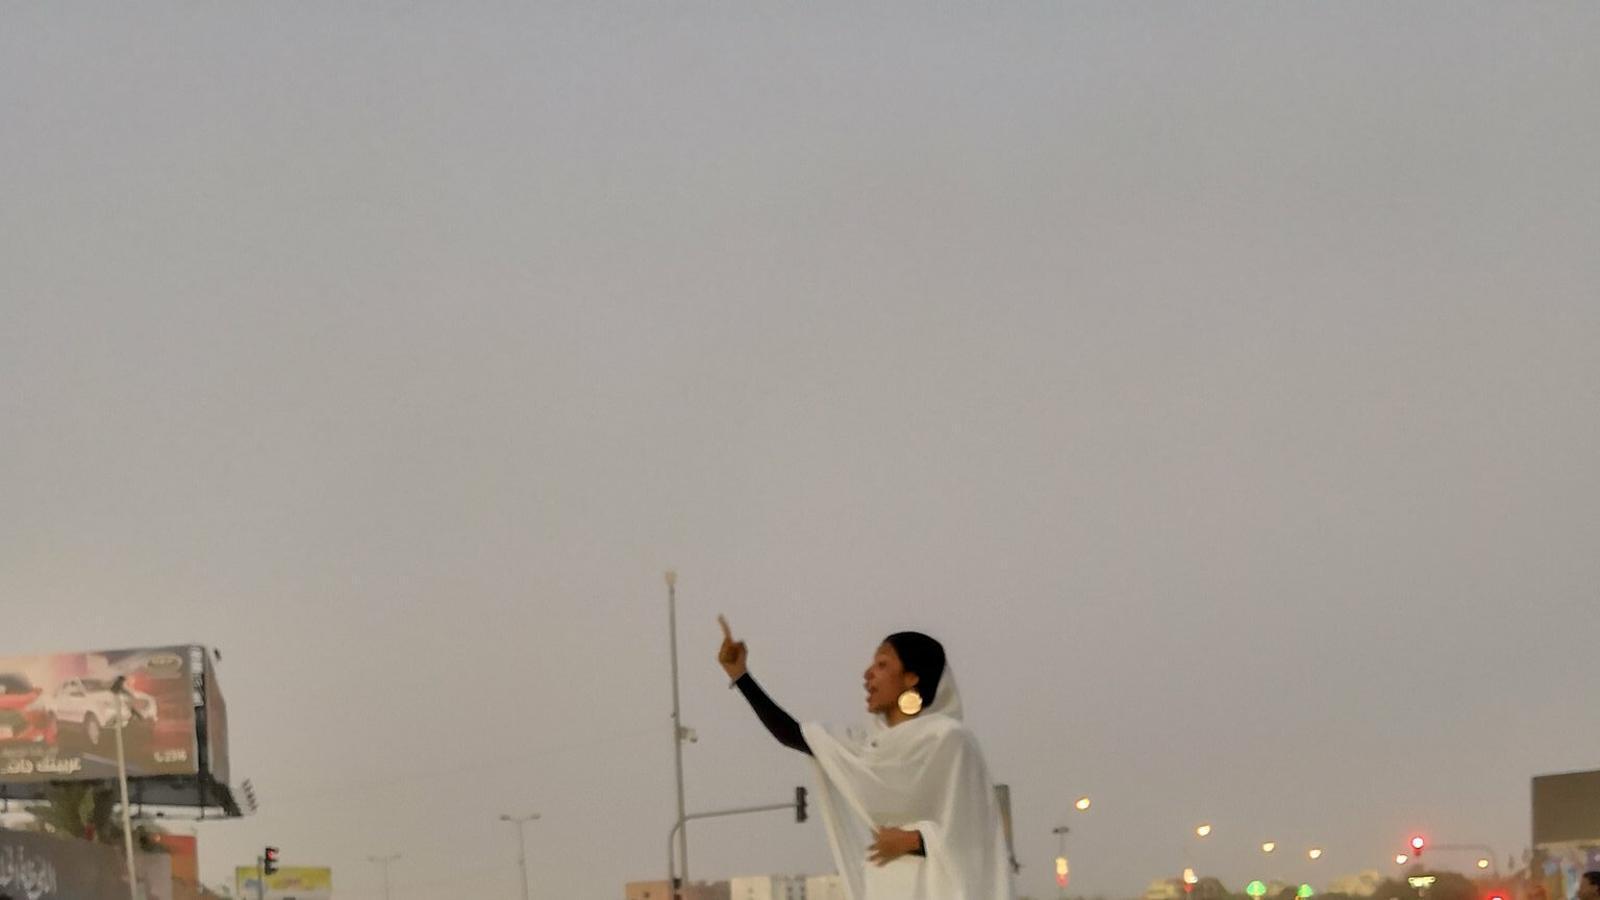 Una dona de blanc sobre un cotxe, símbol de la revolta al Sudan